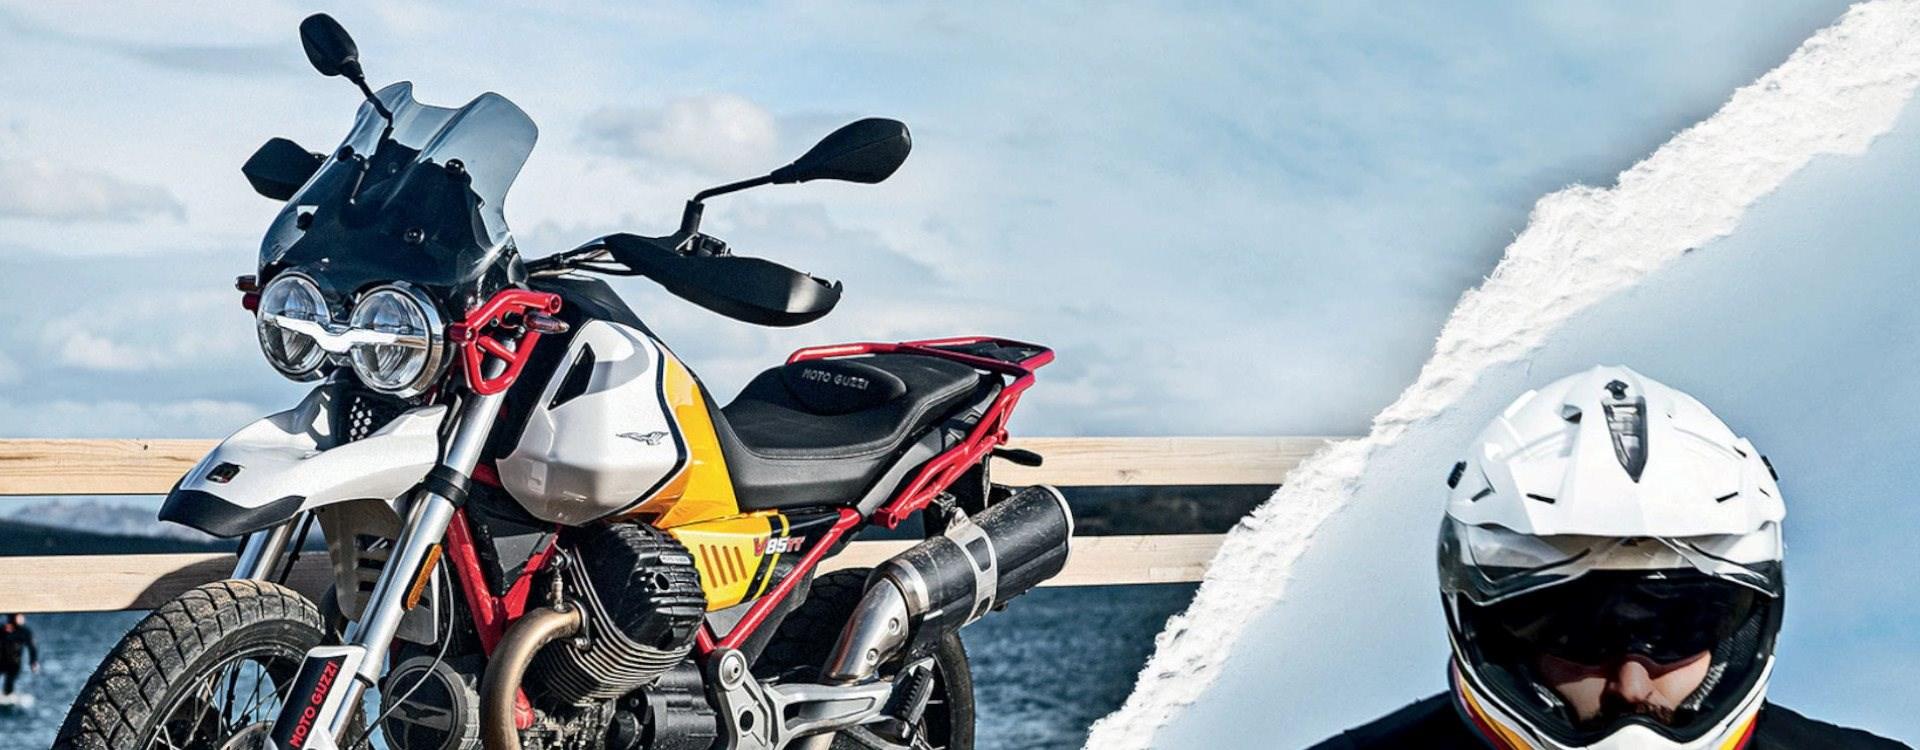 Sie haben die Wahl: 500€ Wechselprämie oder Garantieverlängerung für das 3. und 4. Jahr beim Kauf einer neuen Moto Guzzi.